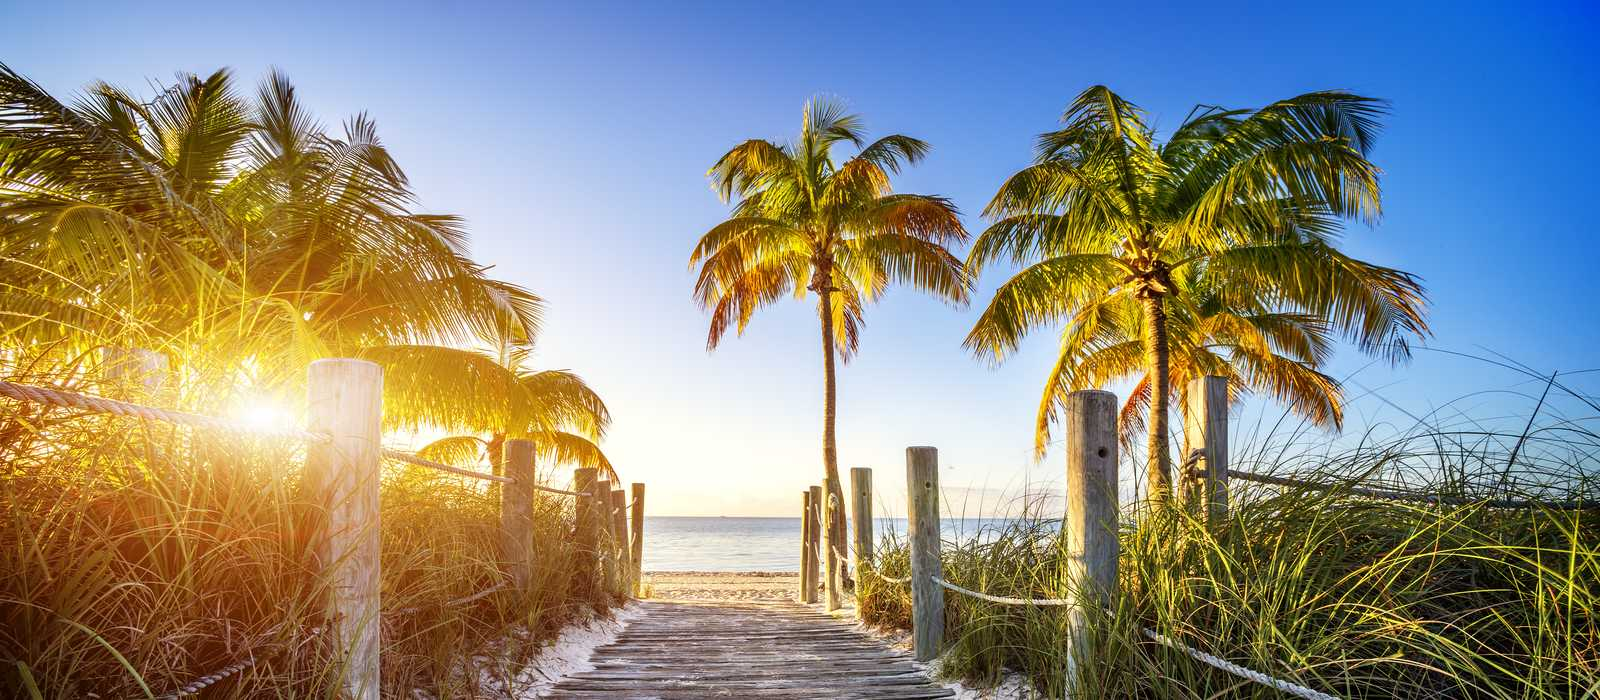 Der Weg zu einem Strand in Key West, Florida